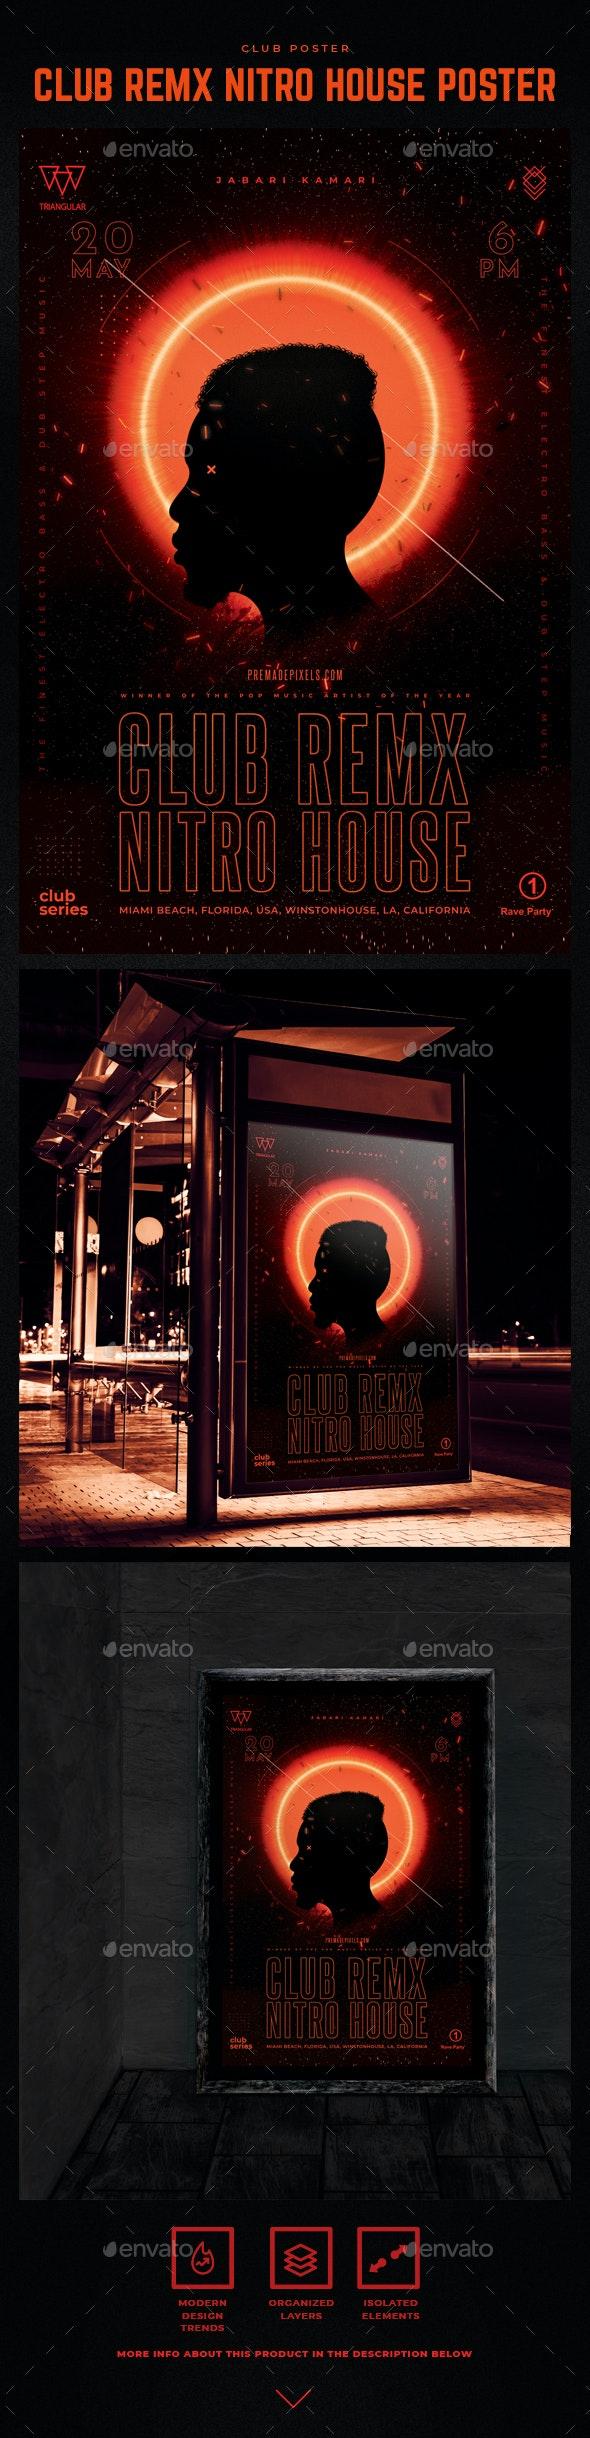 Club Nitro REMX Poster - Miscellaneous Print Templates